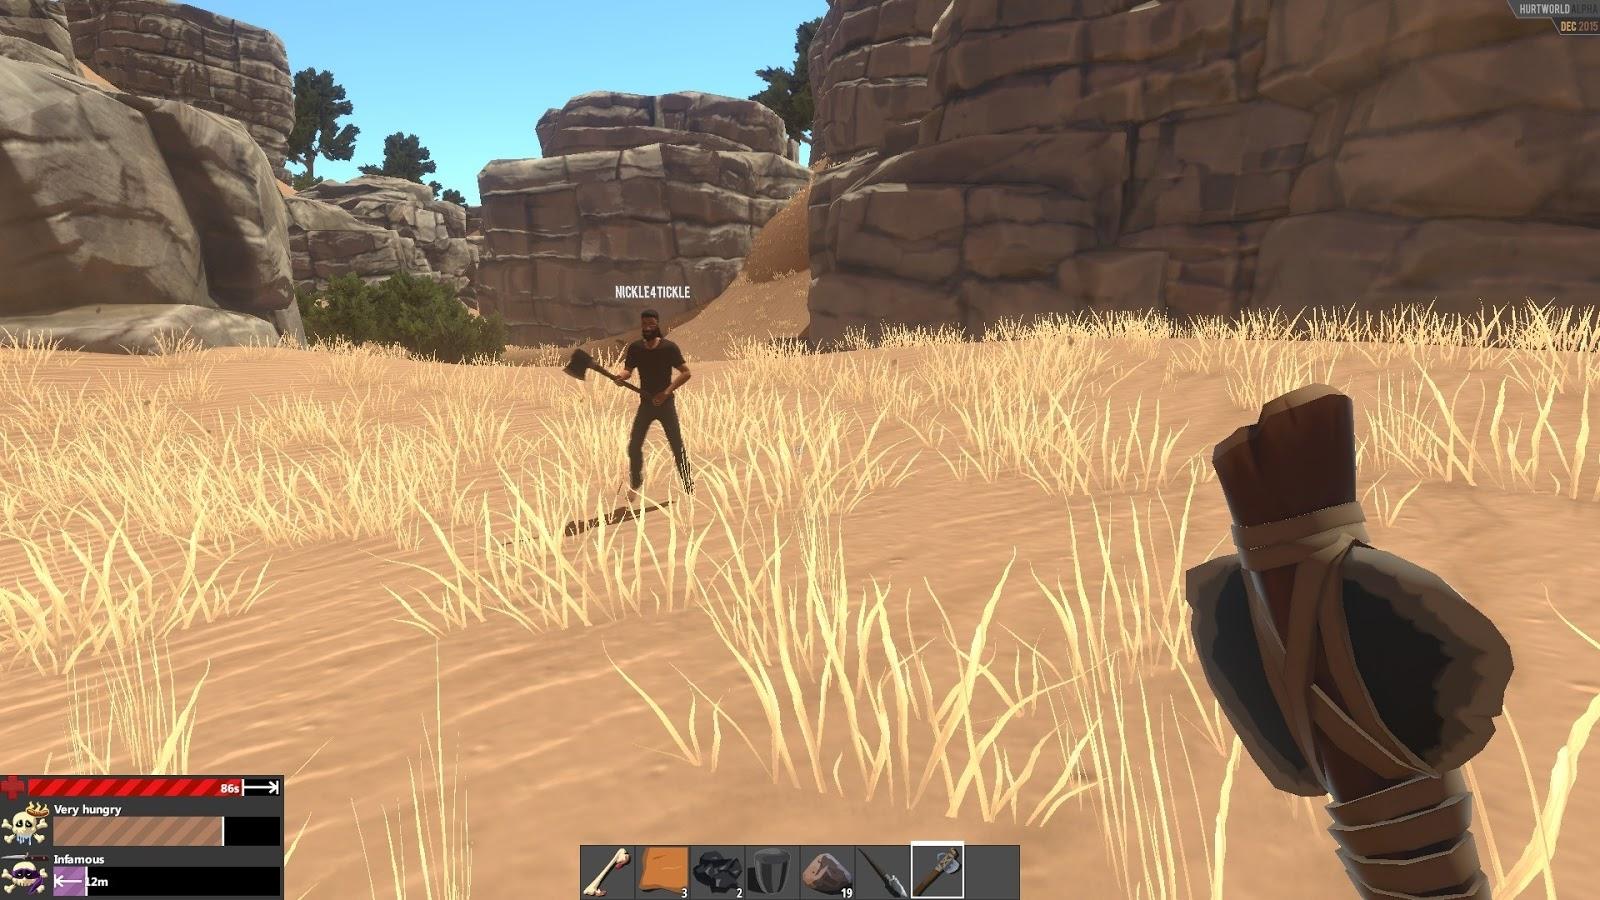 Hurtworld - PC İçin Mükemmel Hayatta Kalma Oyunları